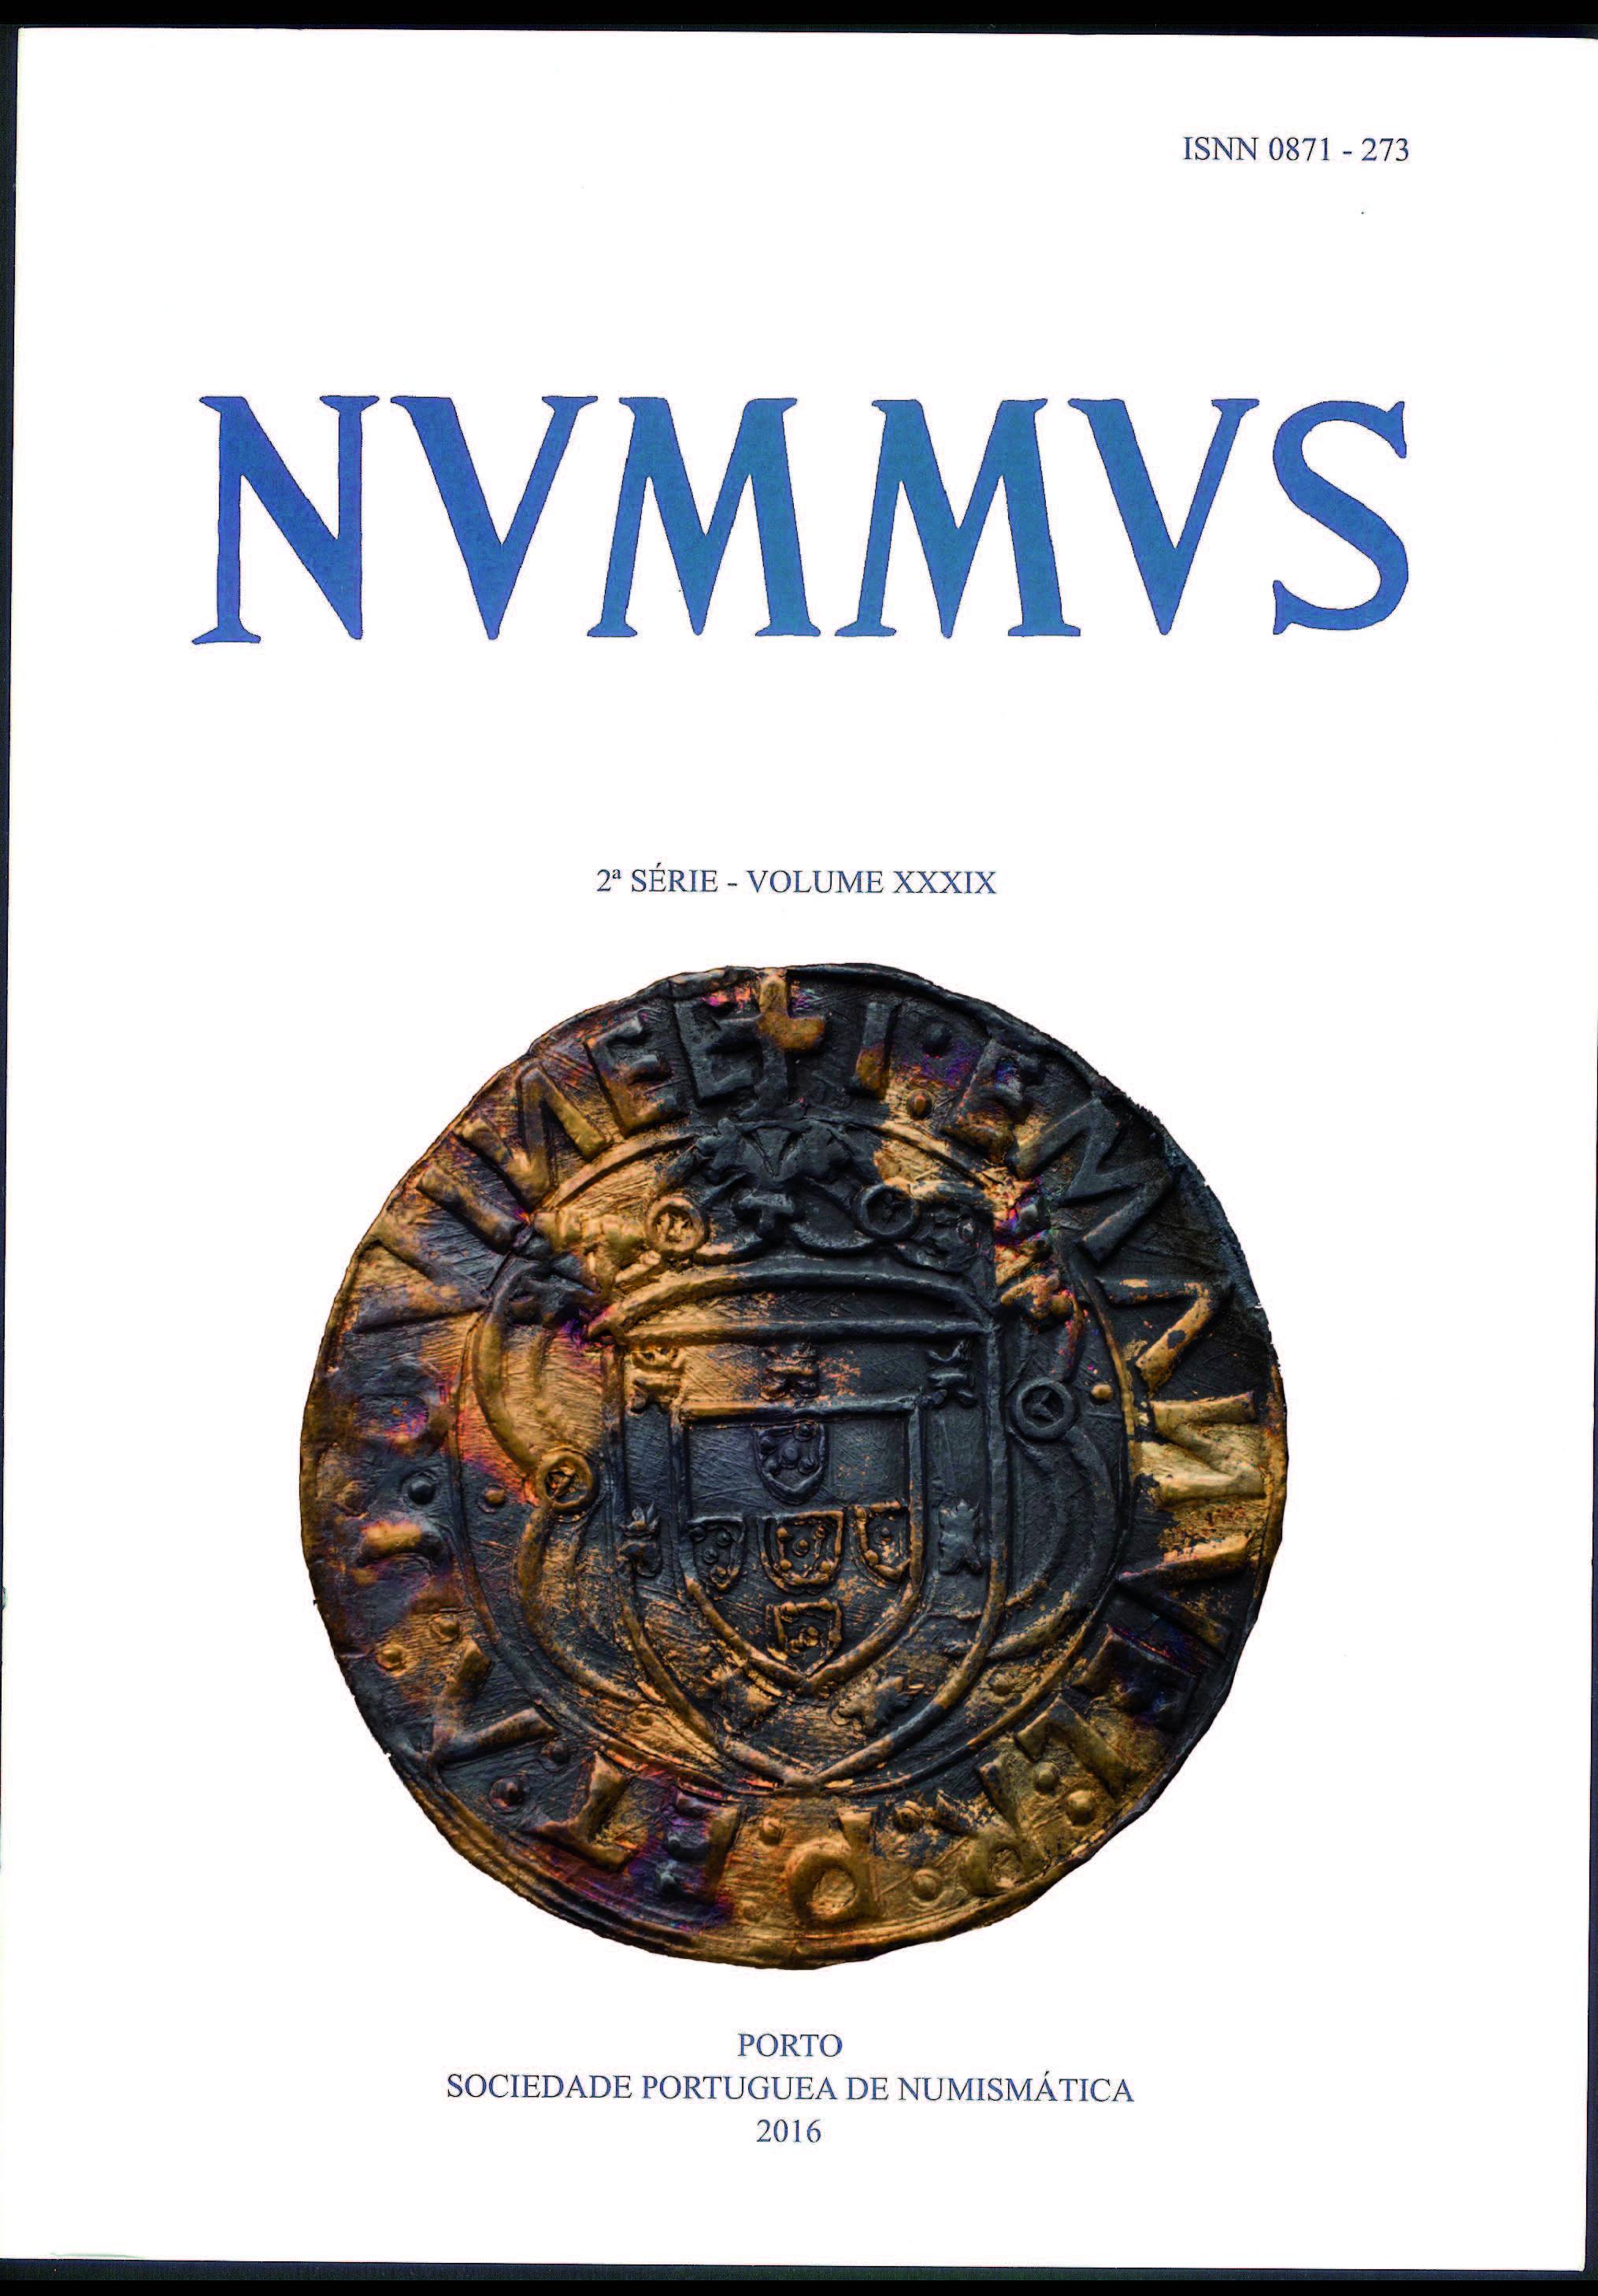 Capa Nummus Cruzados